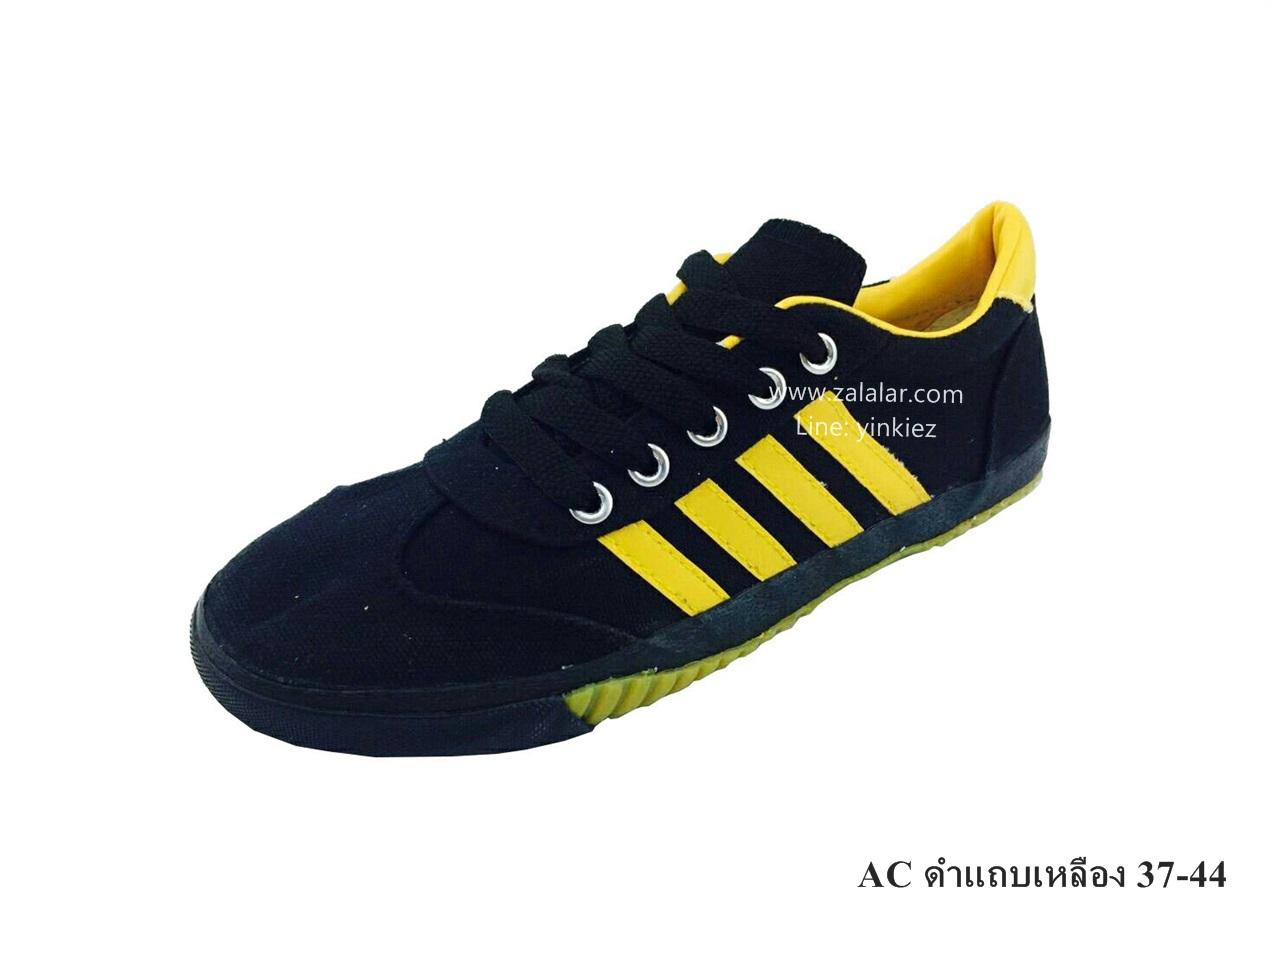 [พร้อมส่ง] รองเท้าผ้าใบแฟชั่น รุ่น AC สีดำแถบเหลือง